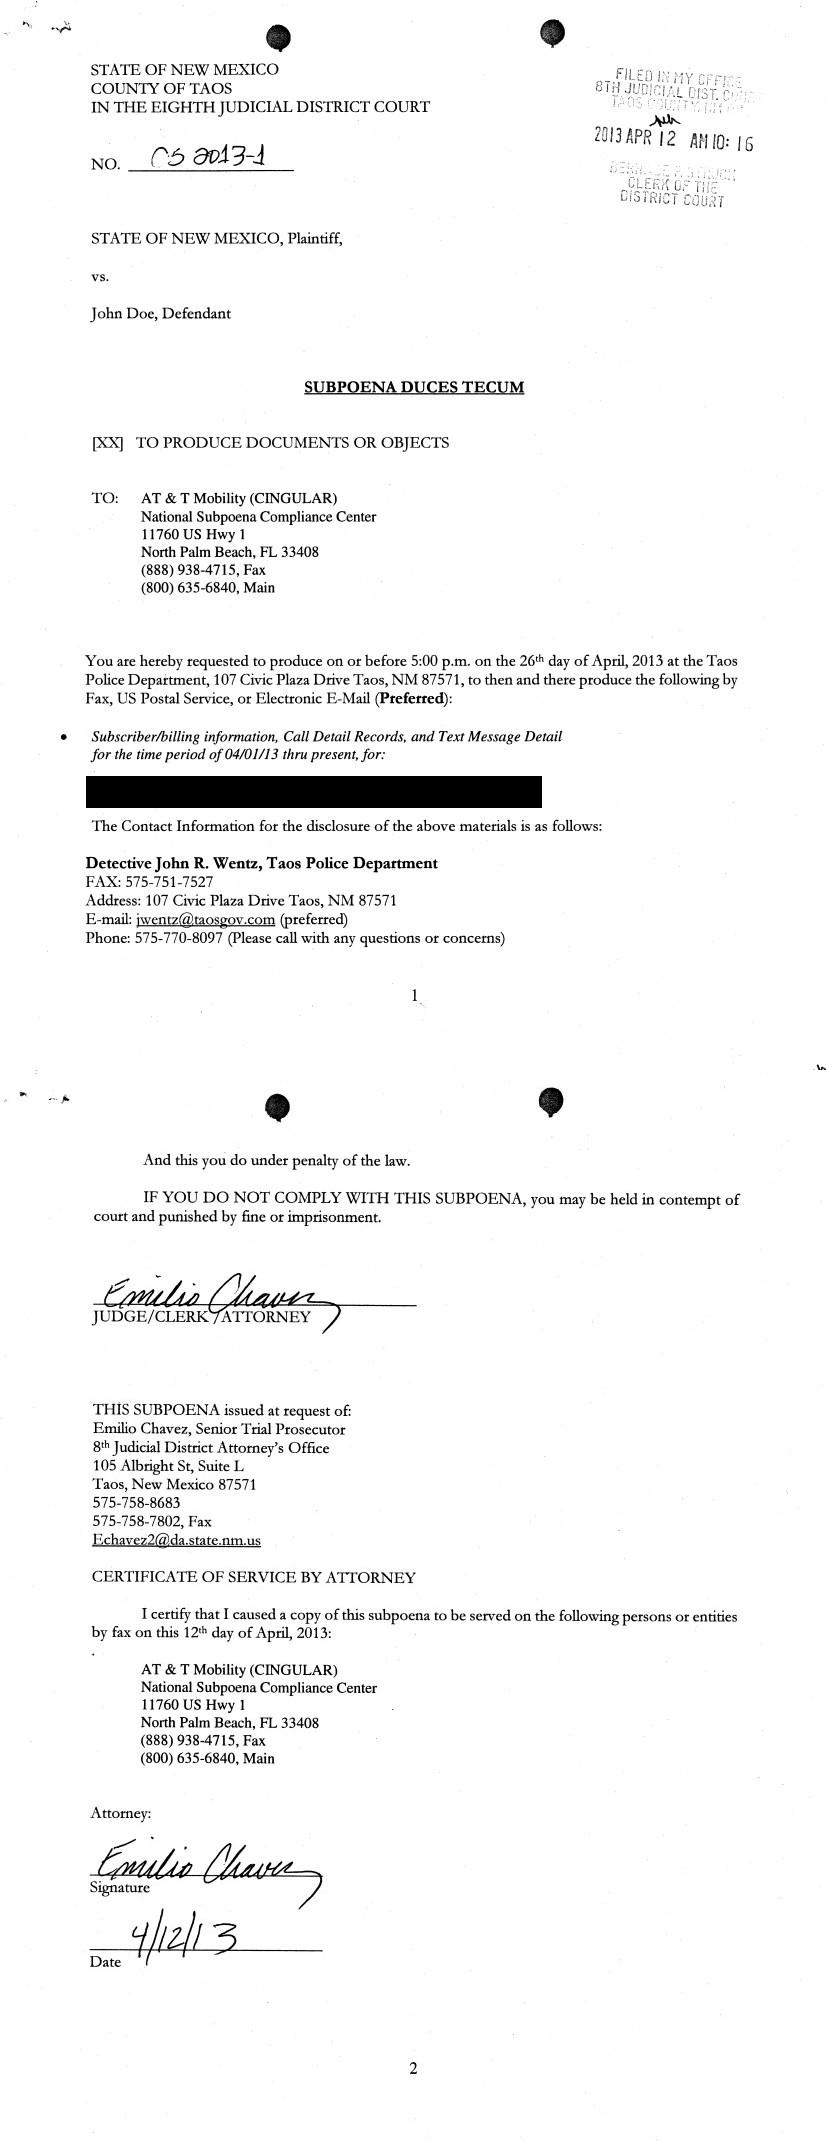 Images Subpoena